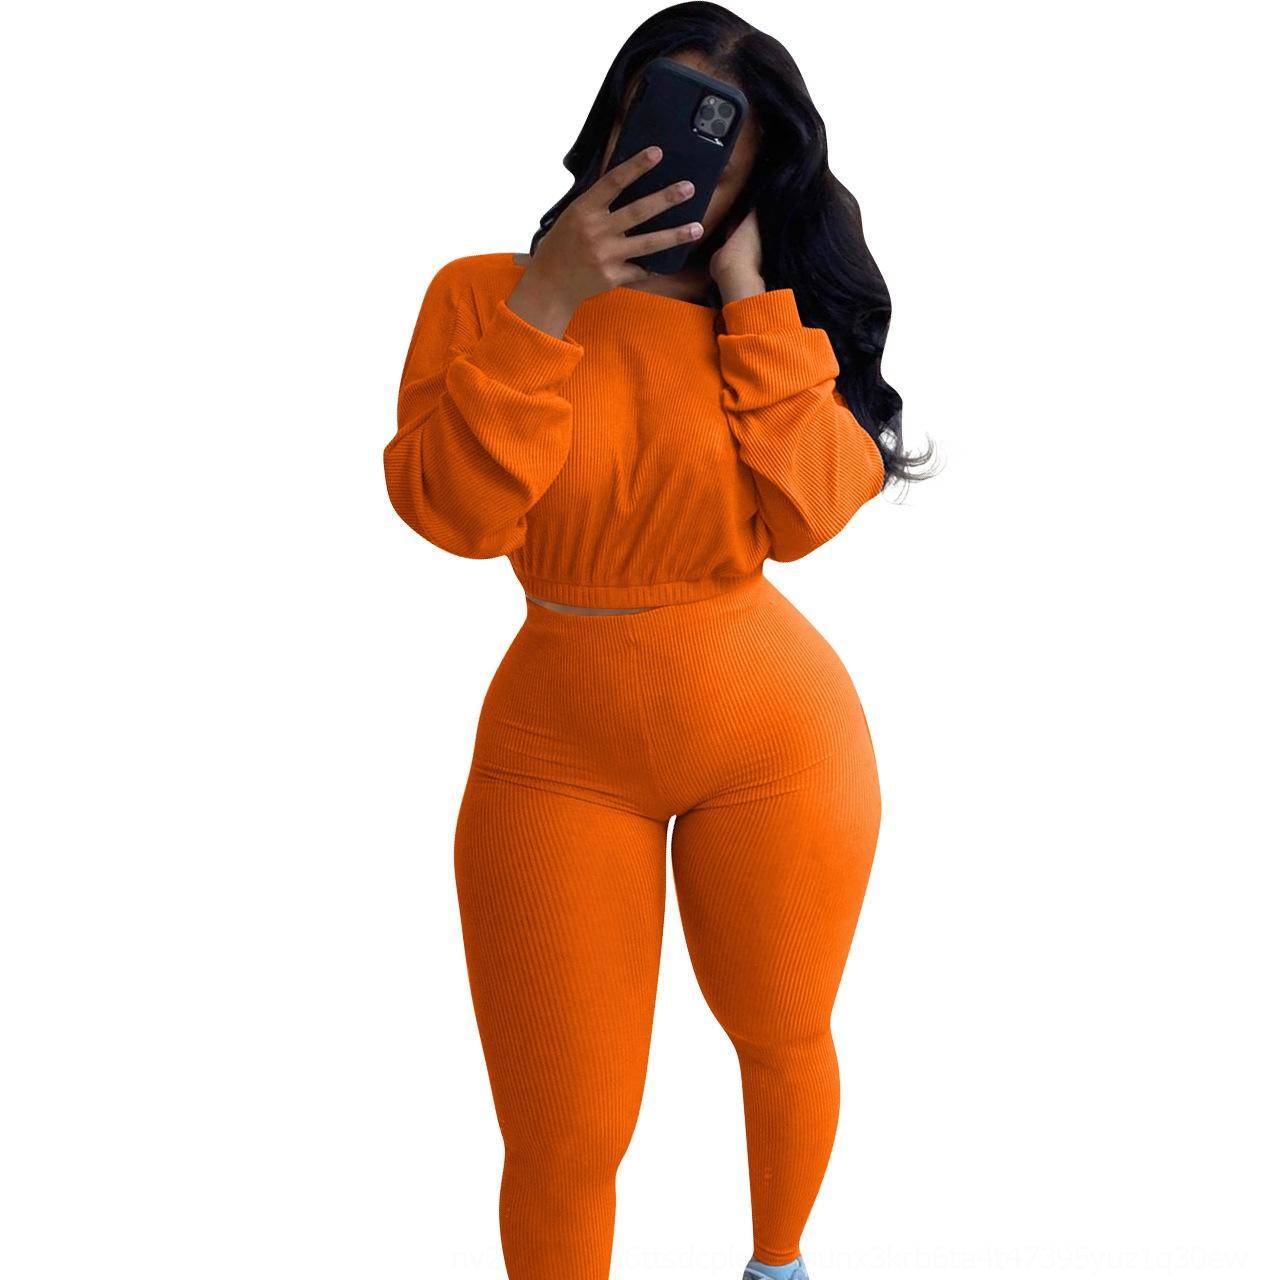 M14R 2020 Yeni Moda Mektubu Parçası Set Eşofman Tasarımcısı Iki Nakış Uzun Kollu Ceket Kalem Pantolon Kıyafetler Bayanlar Rahat Spor Giydirin